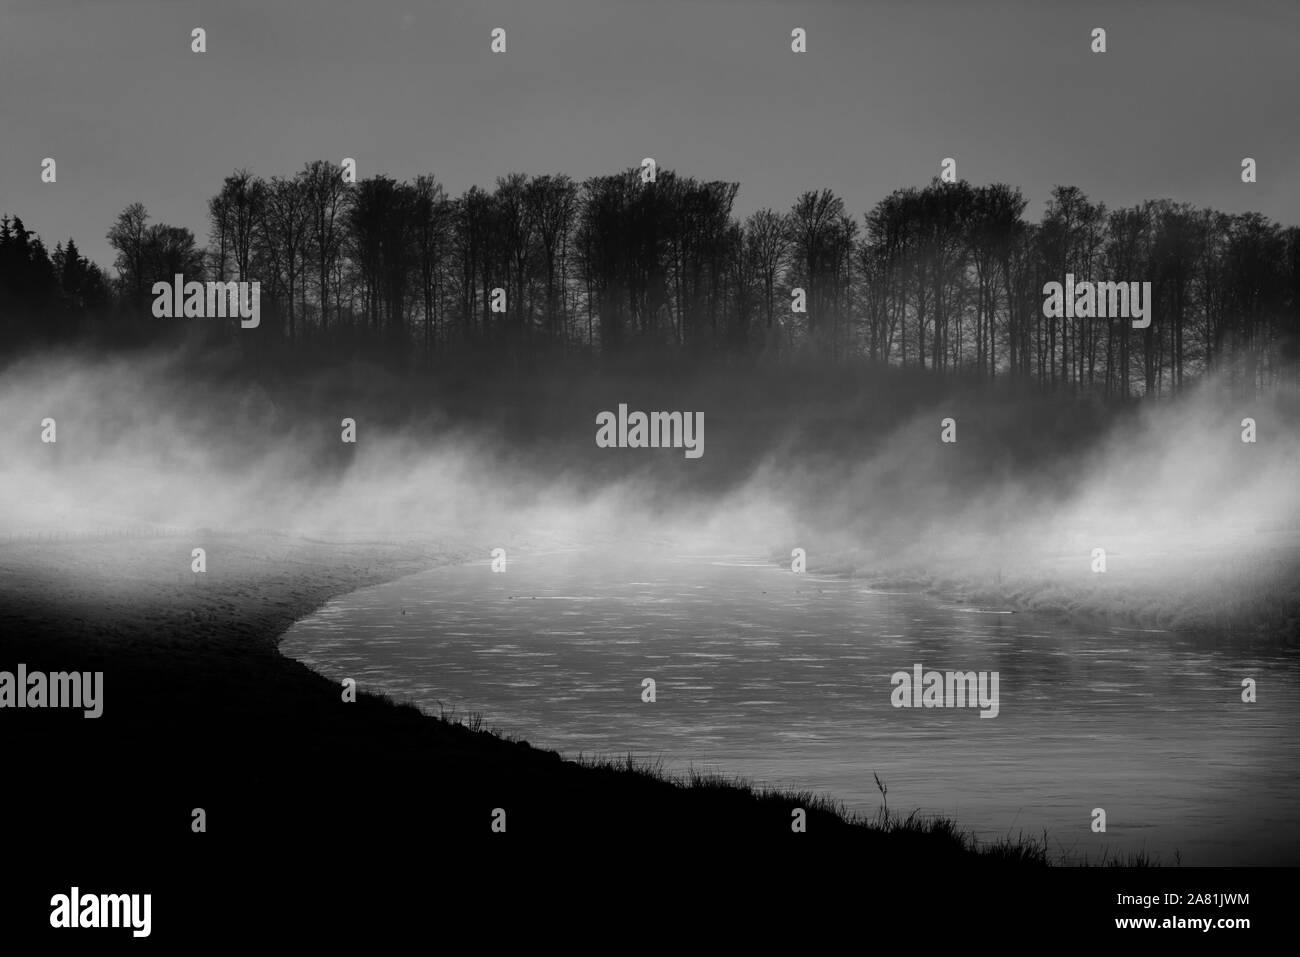 Neblige Landschaft, in der Nähe von Oberweser, Weserbergland, Nordrhein-Westfalen, Hessen, Deutschland; Stockfoto